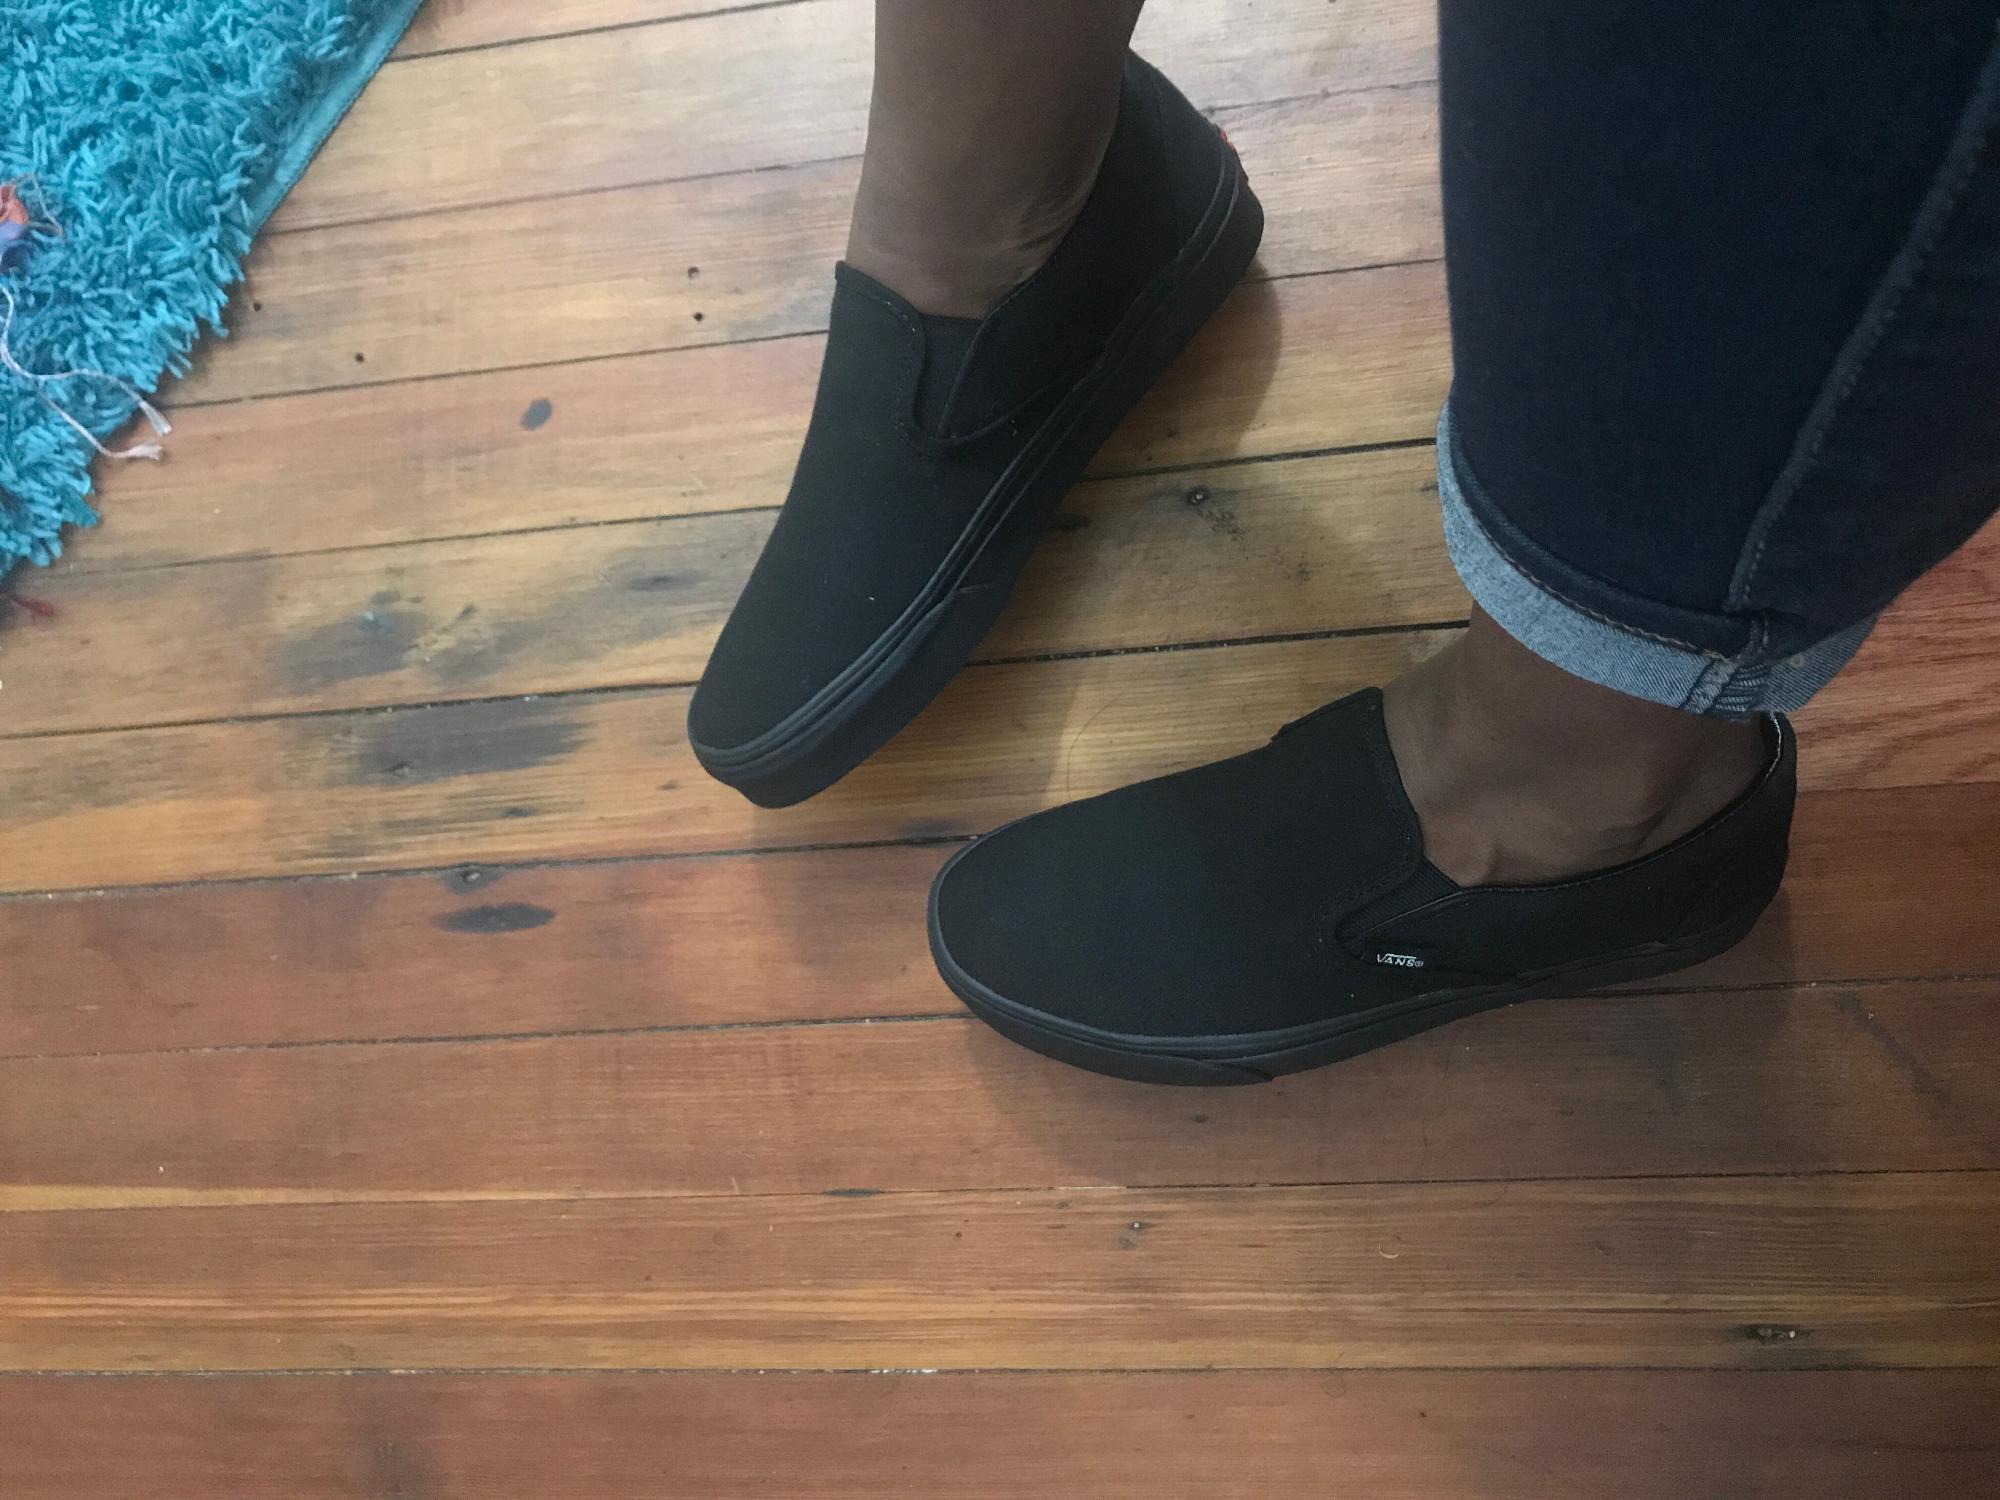 vans slip on black on feet